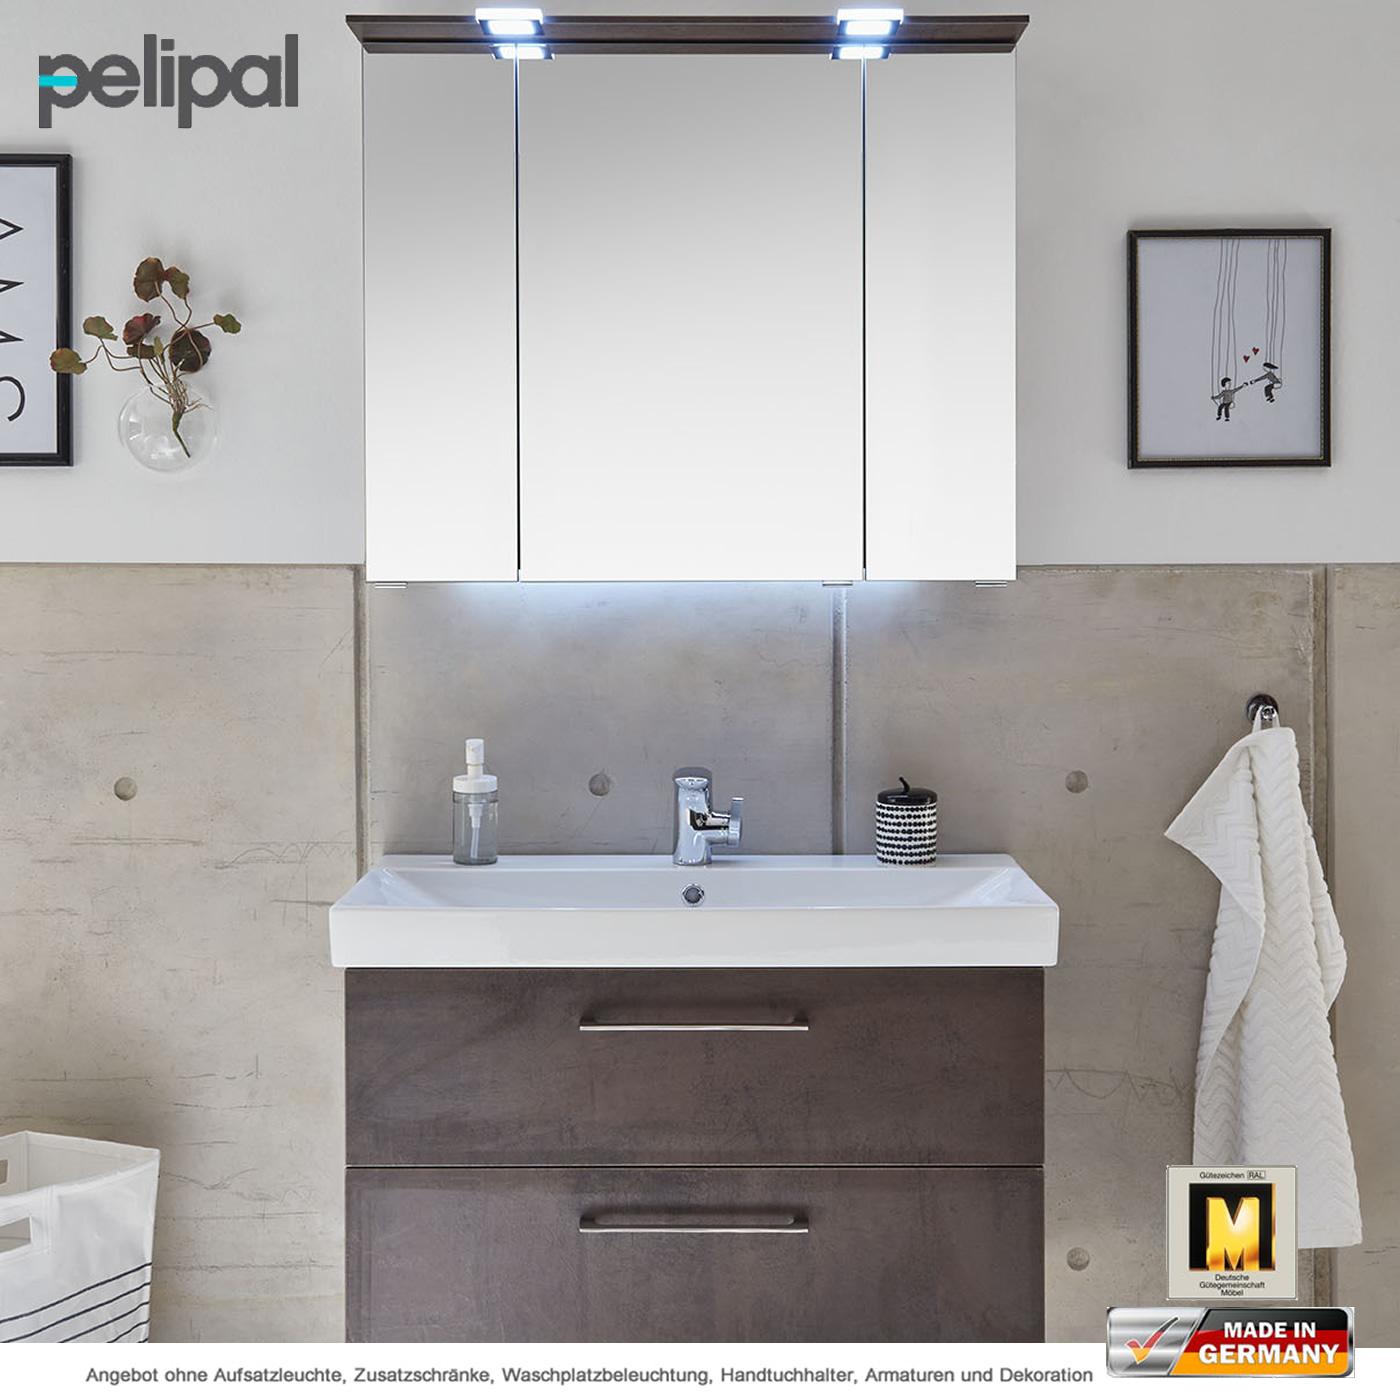 Pelipal Solitaire 6910 Badm Bel Set Mit Keramik Waschtisch